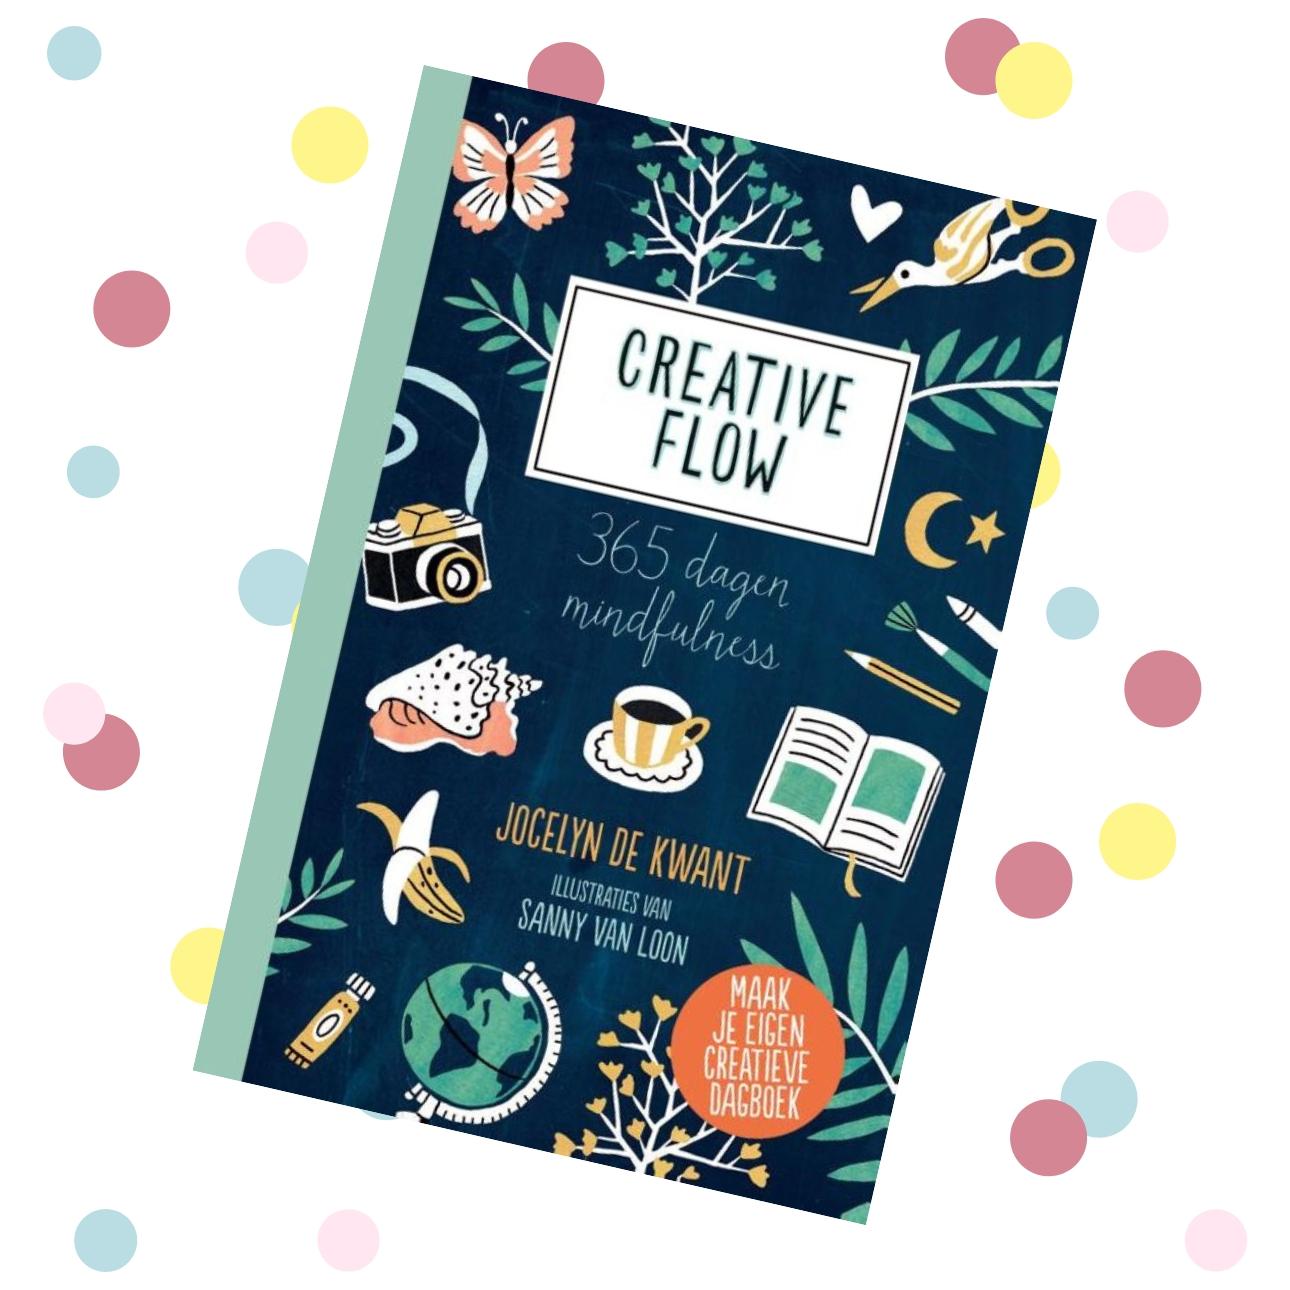 creatieve dagboeken creative flow